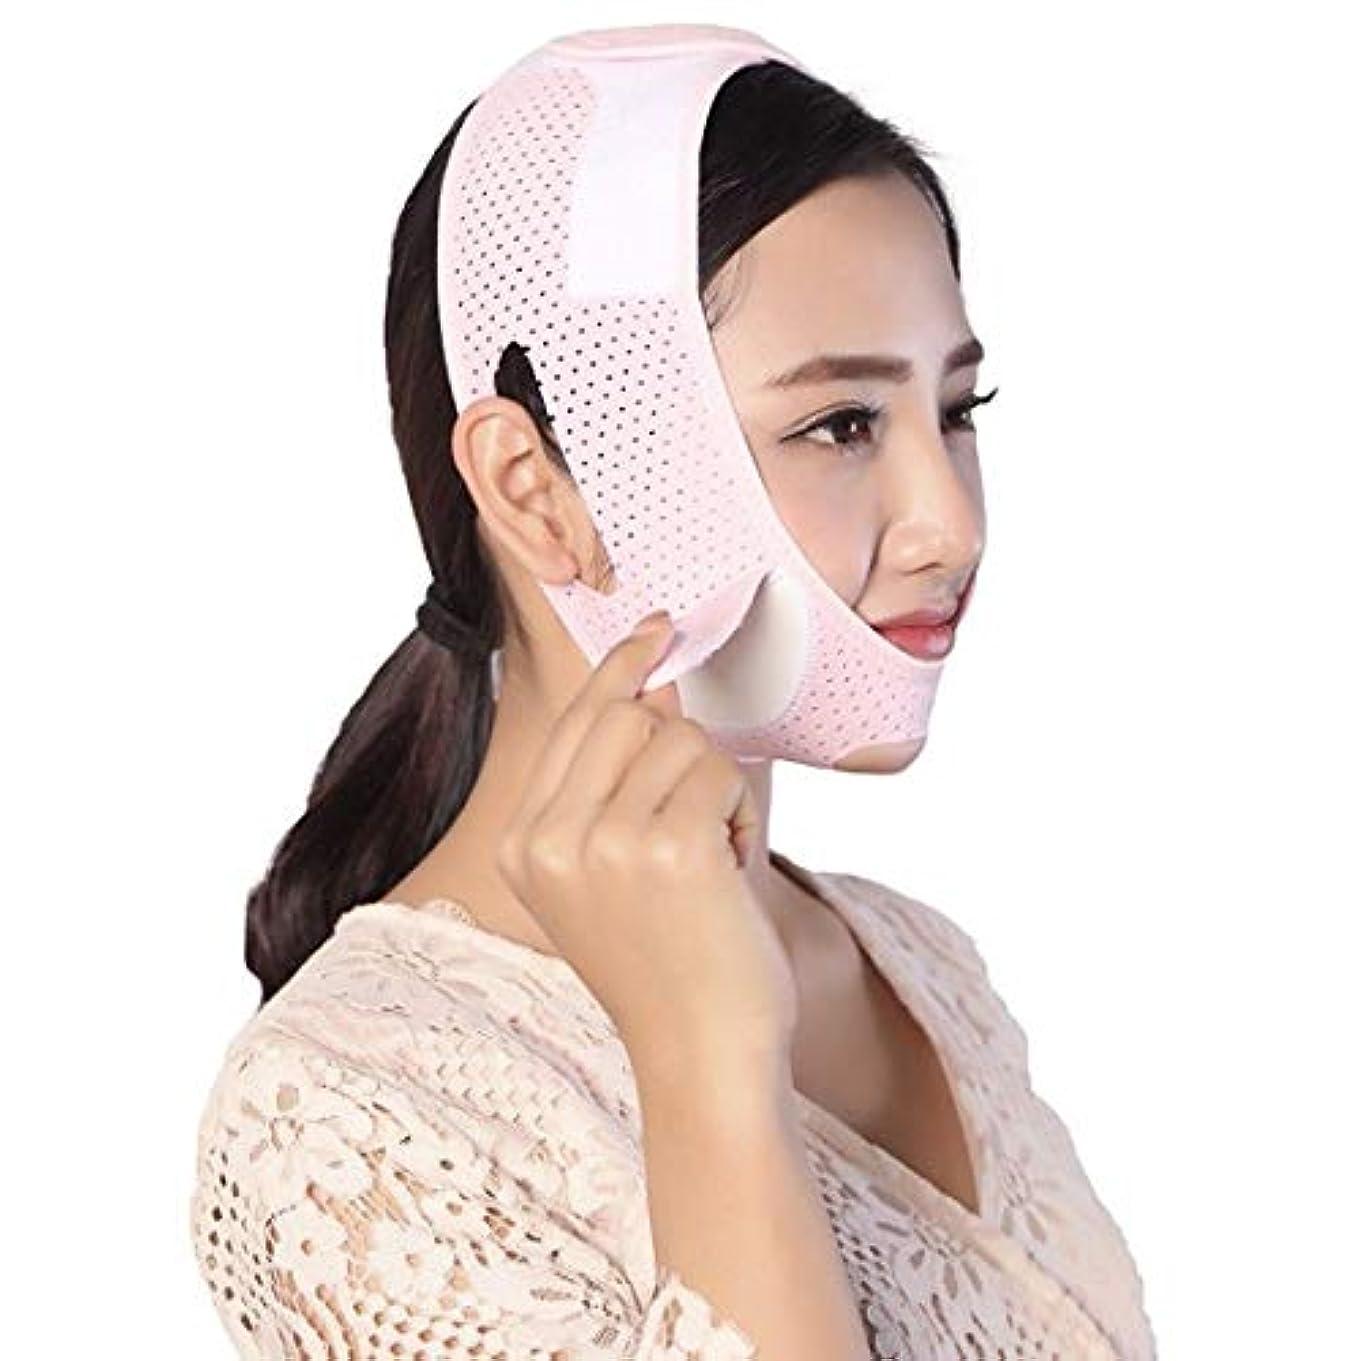 報復する先見の明マサッチョZWBD フェイスマスク, フェイスリフティングベルトリフティングVフェイスライン包帯フェイシャル引き締め二重あごの法則睡眠マスク通気性